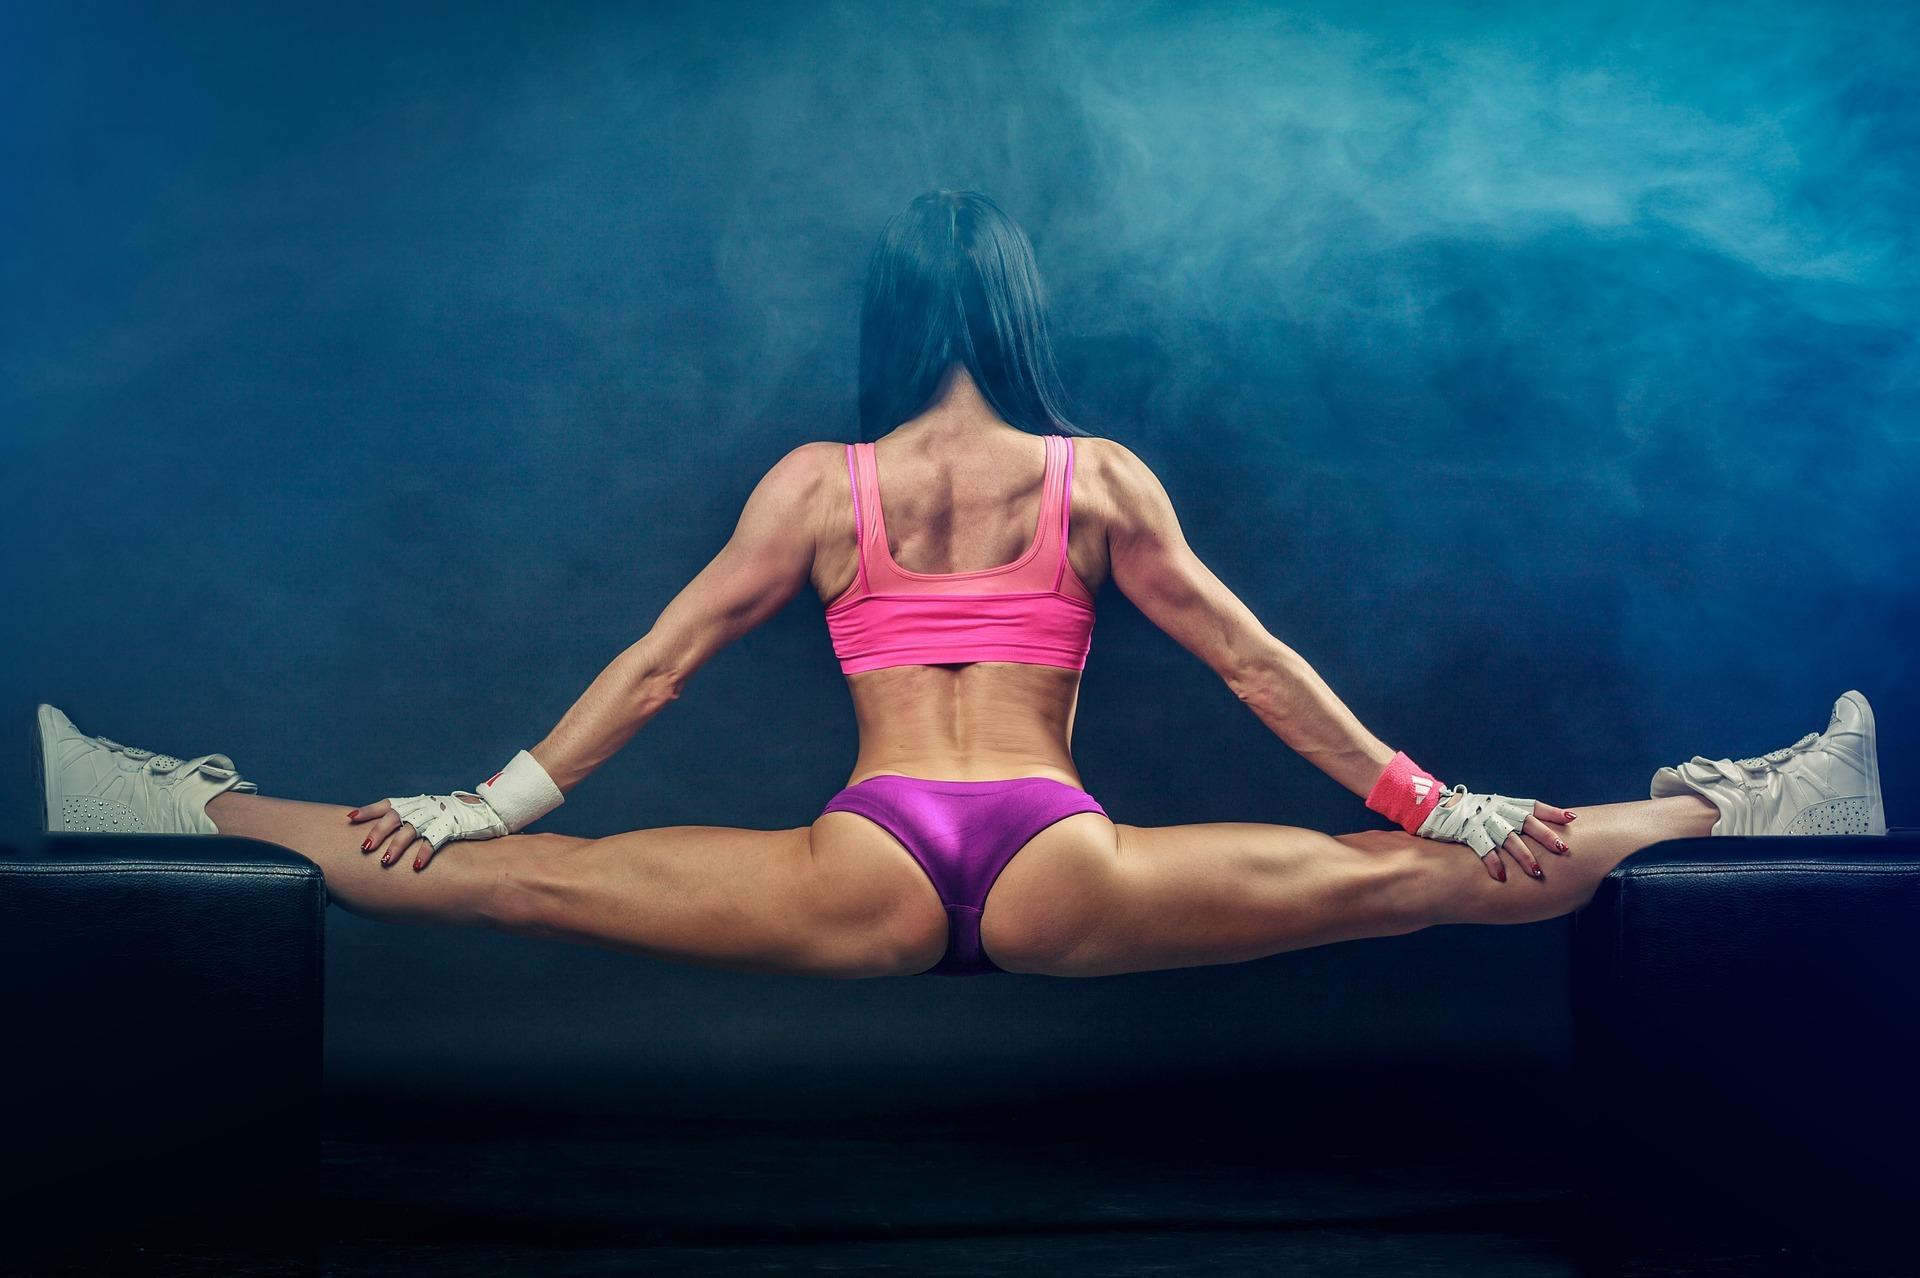 Image result for fitness girl wallpaper 4k